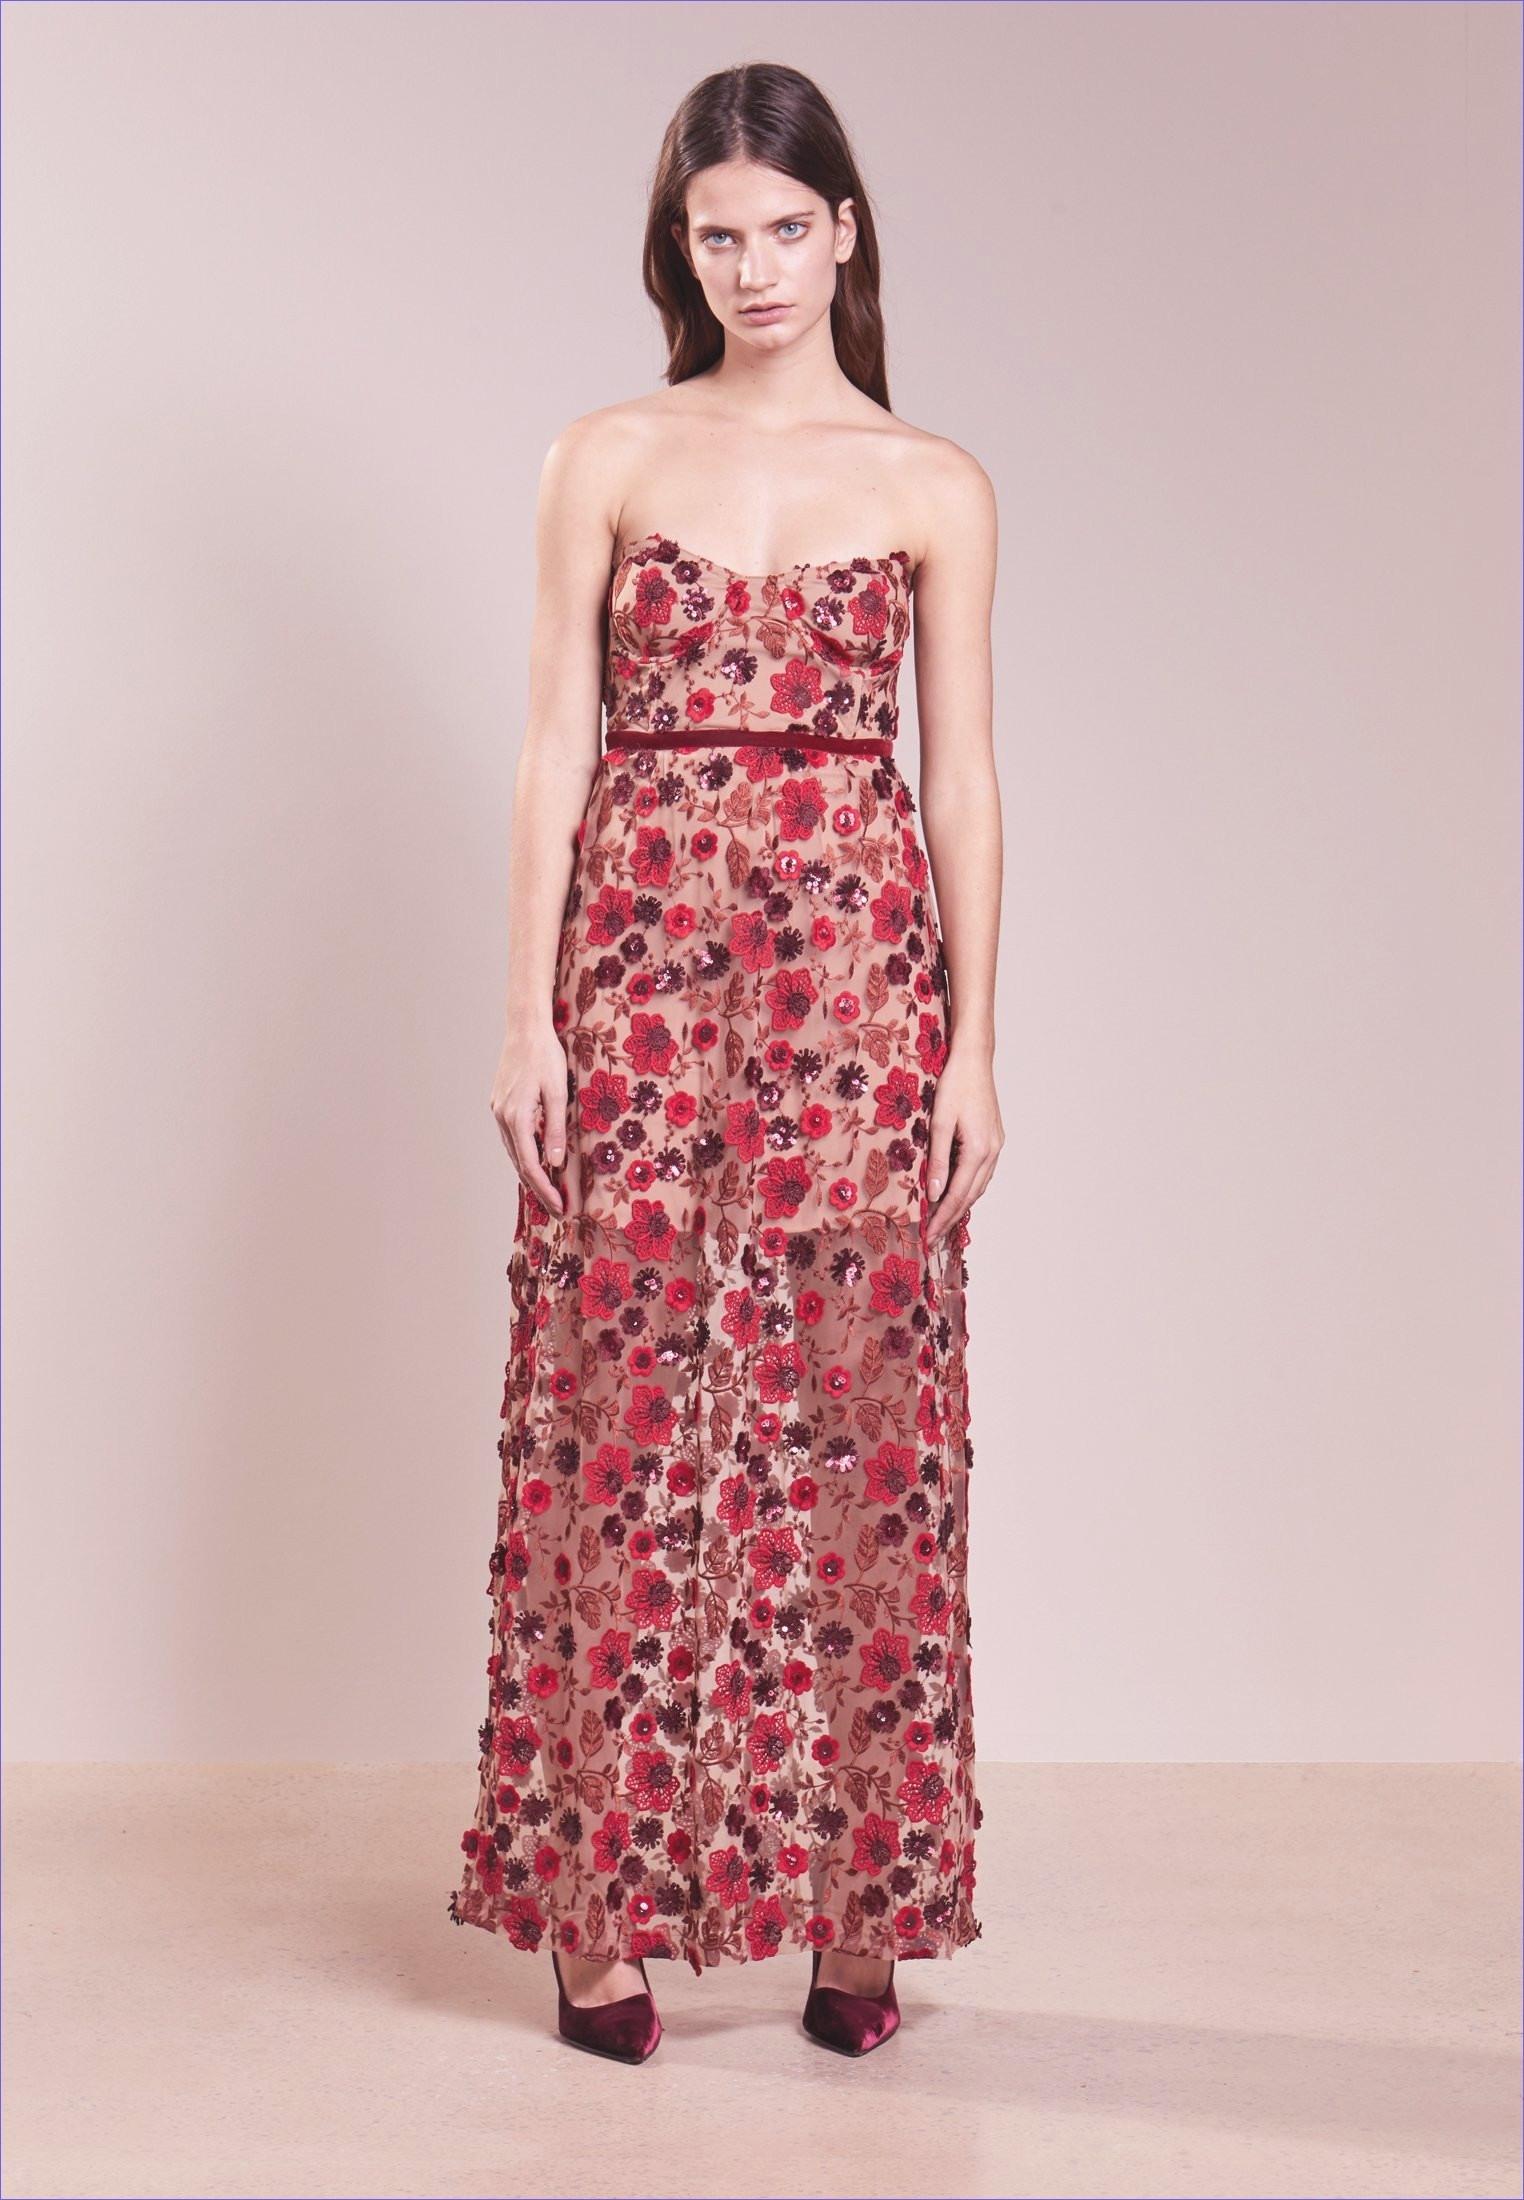 20 Erstaunlich Abendkleider Lang Online Bestellen Galerie10 Schön Abendkleider Lang Online Bestellen Design